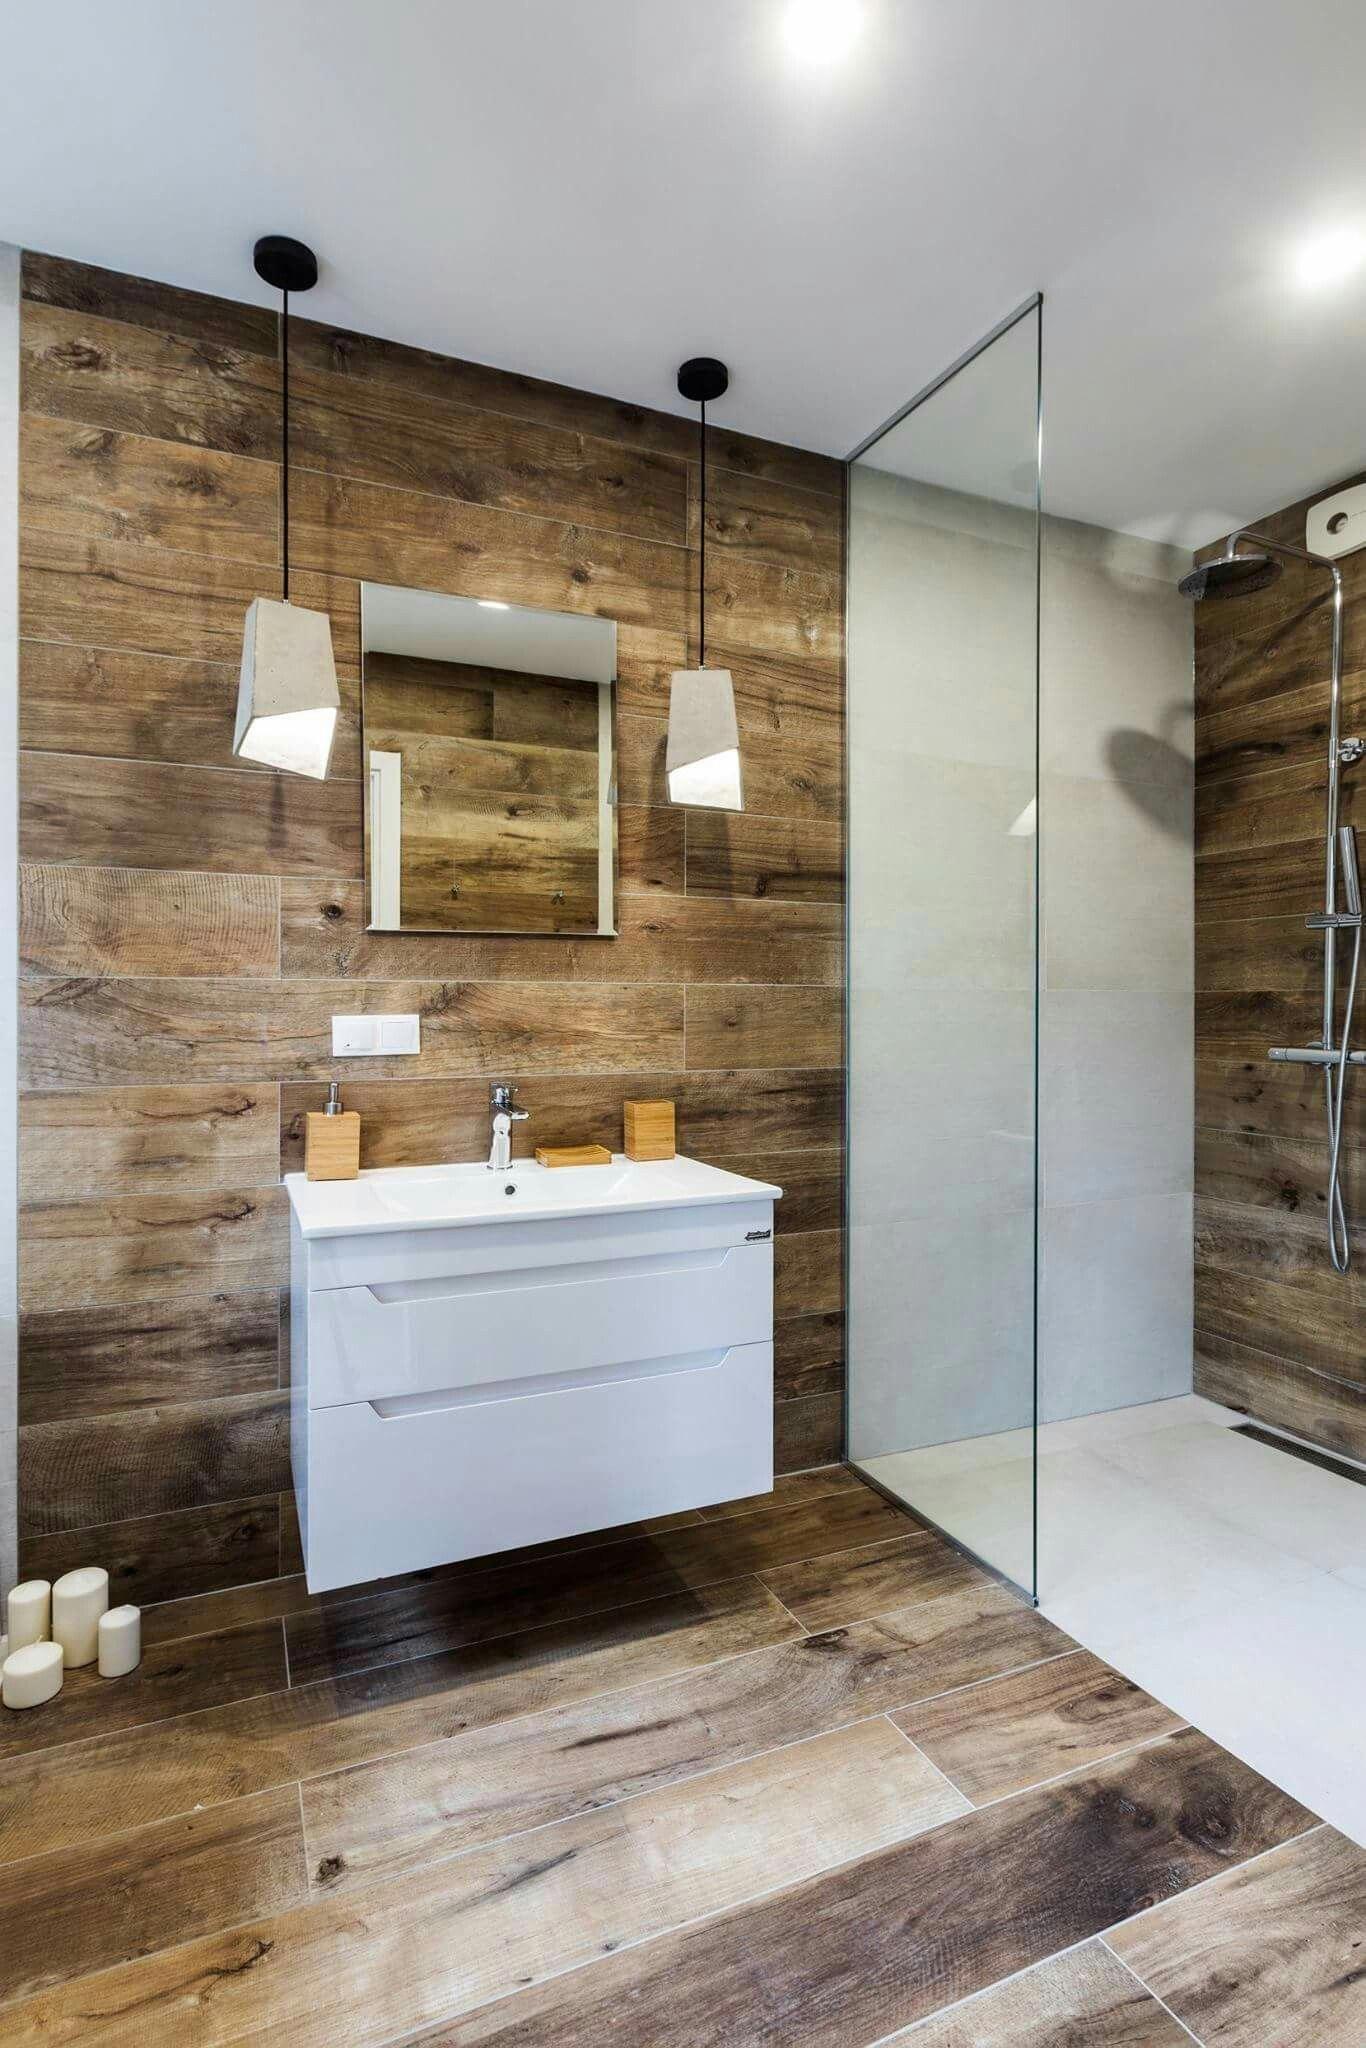 Bathroomredecoratingideas Bathroom Renovation Cost Bathroom Redecorating Bathroom Design Small